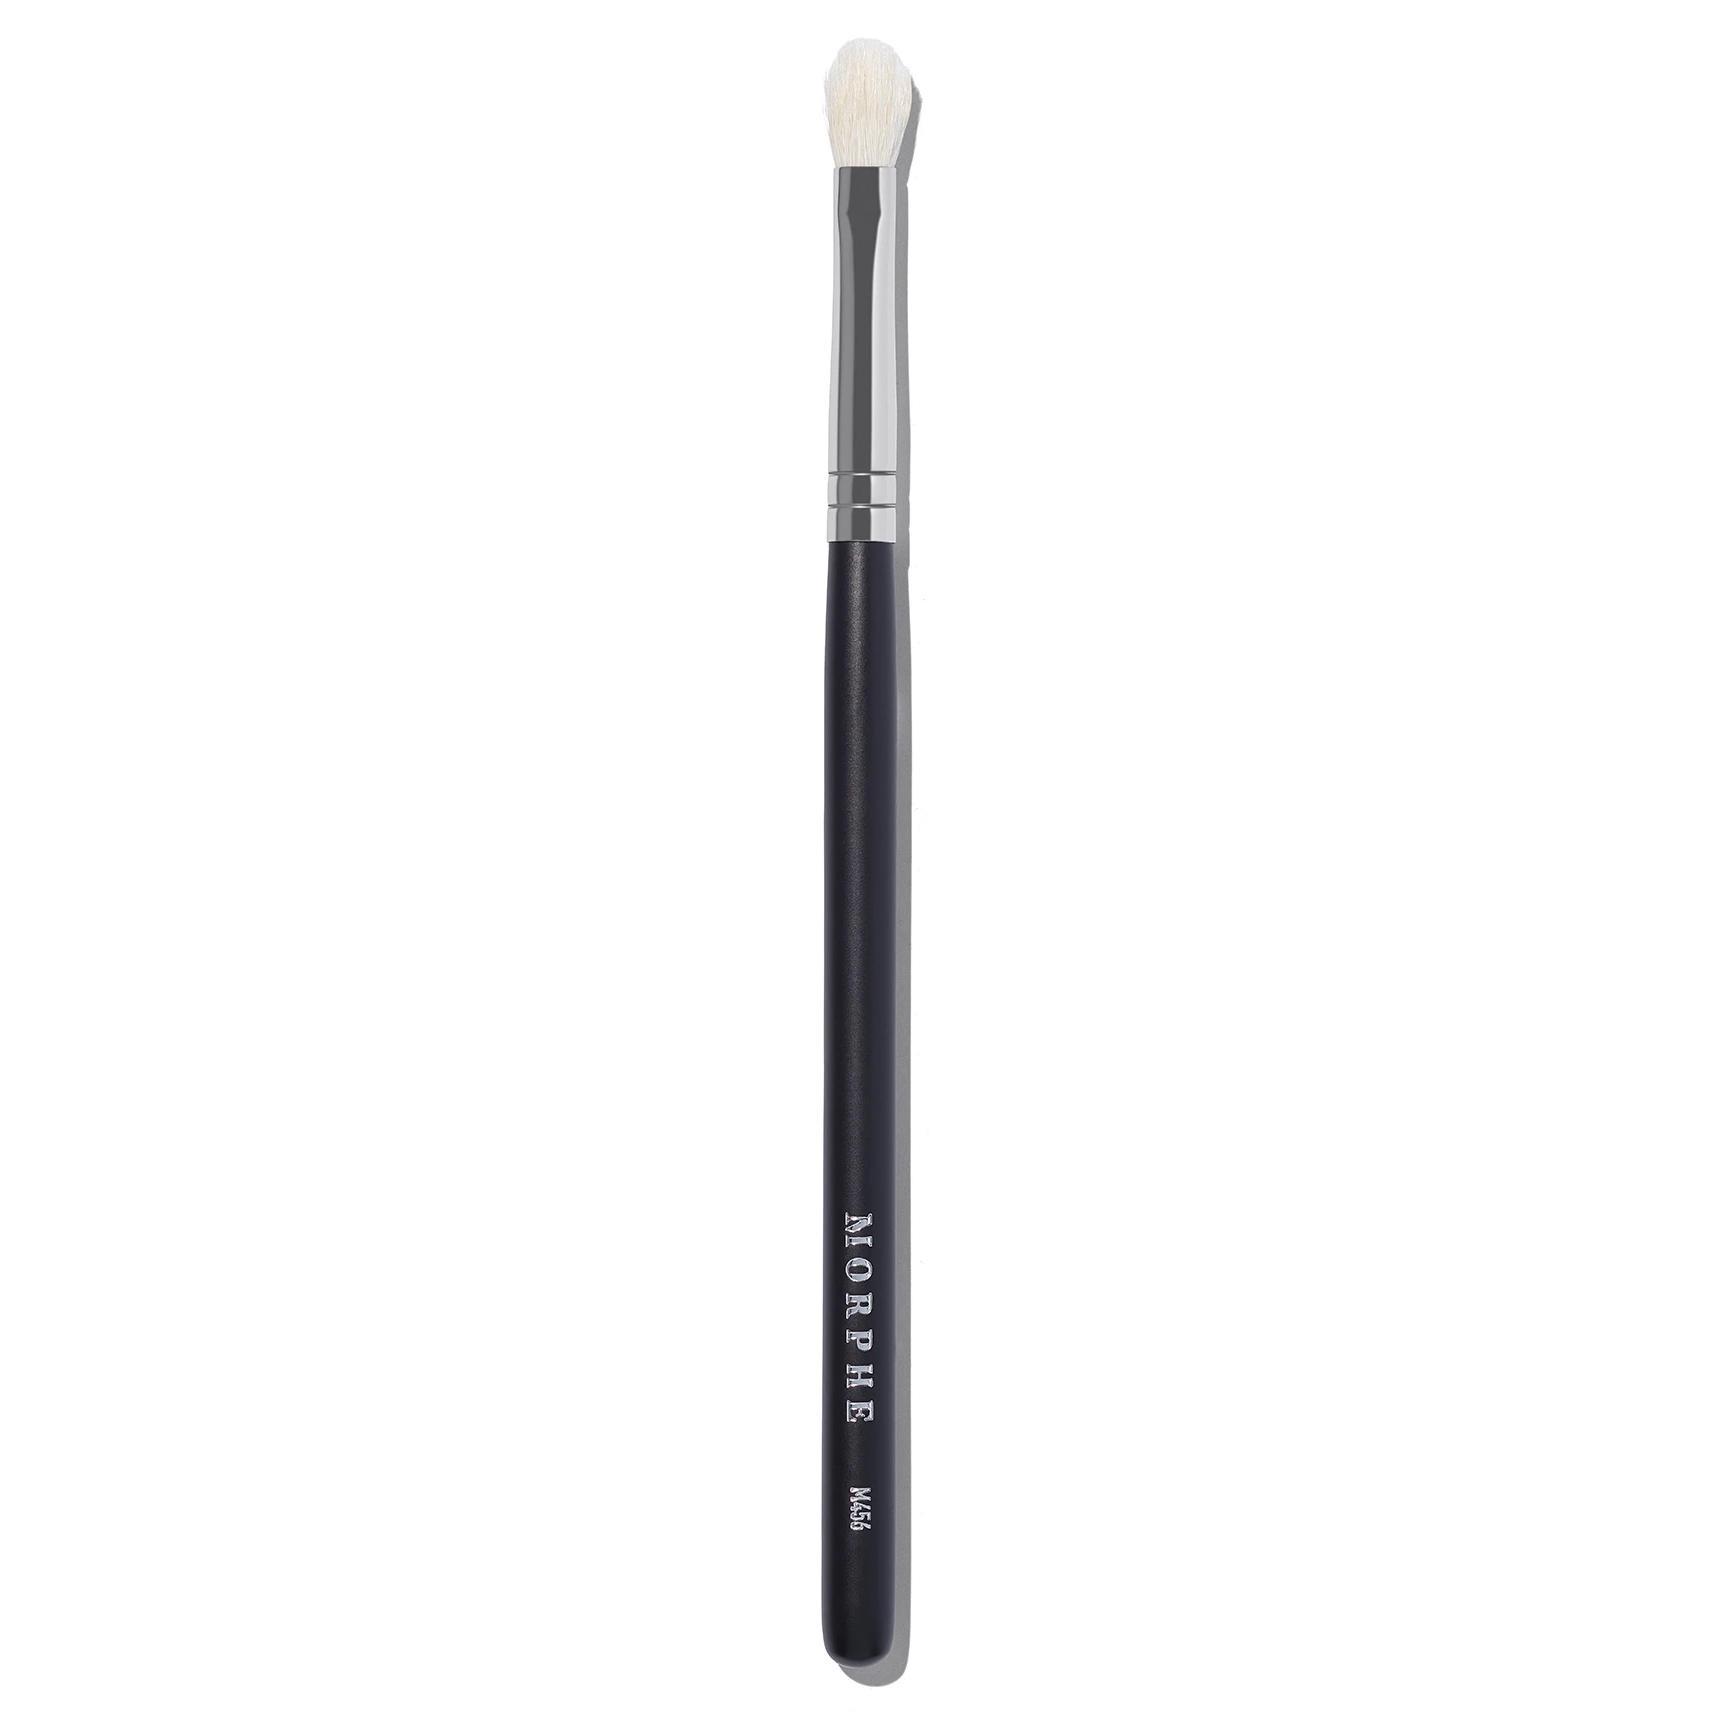 Morphe Mini Firm Blending Brush M456